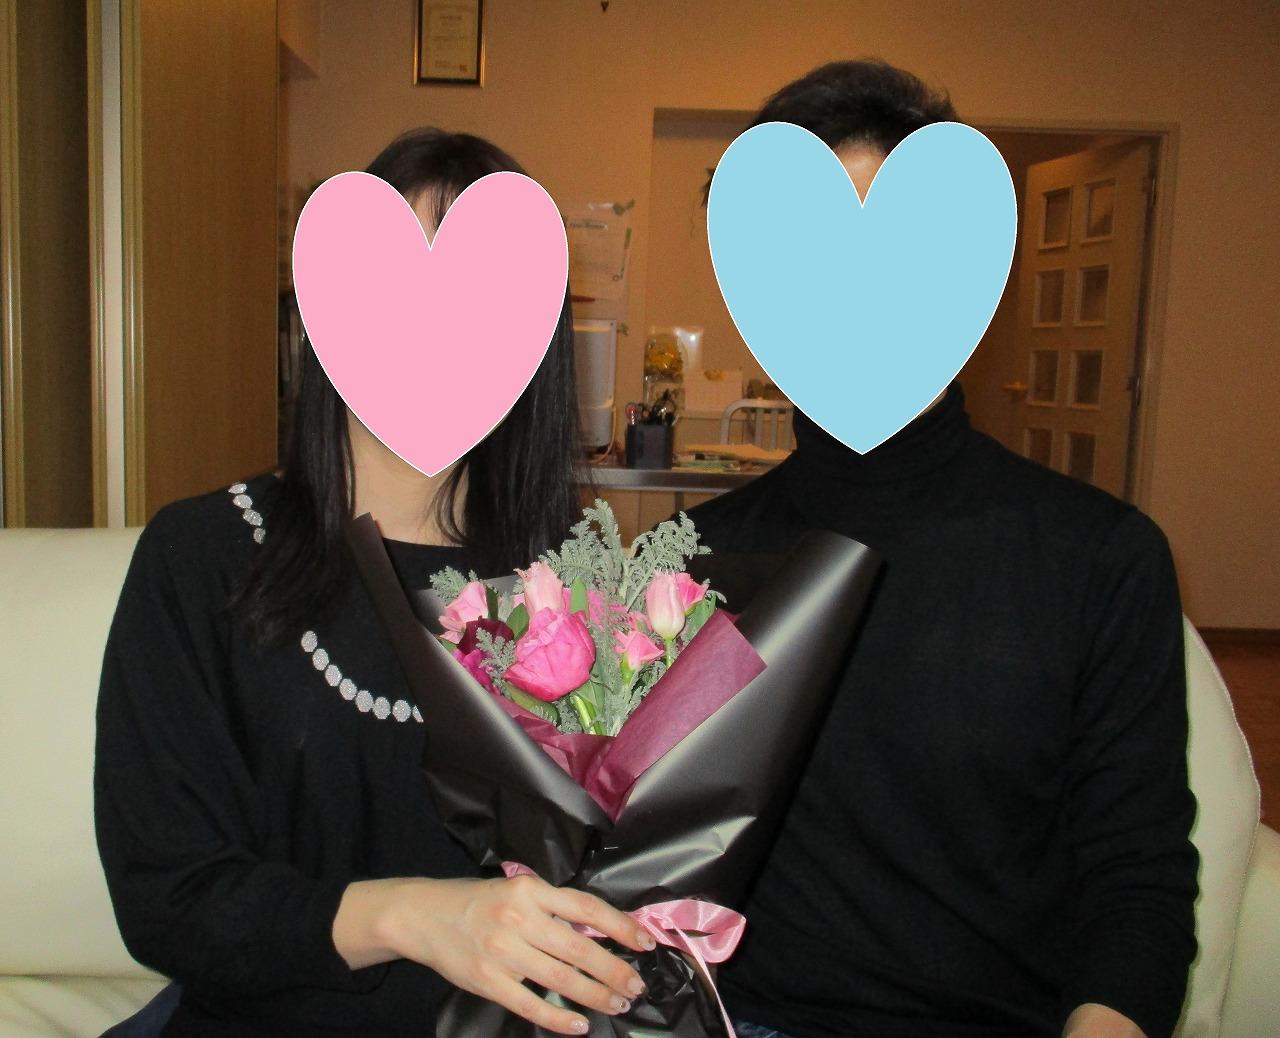 新元号の始まりと結婚記念日が一緒なんて素敵ですね!